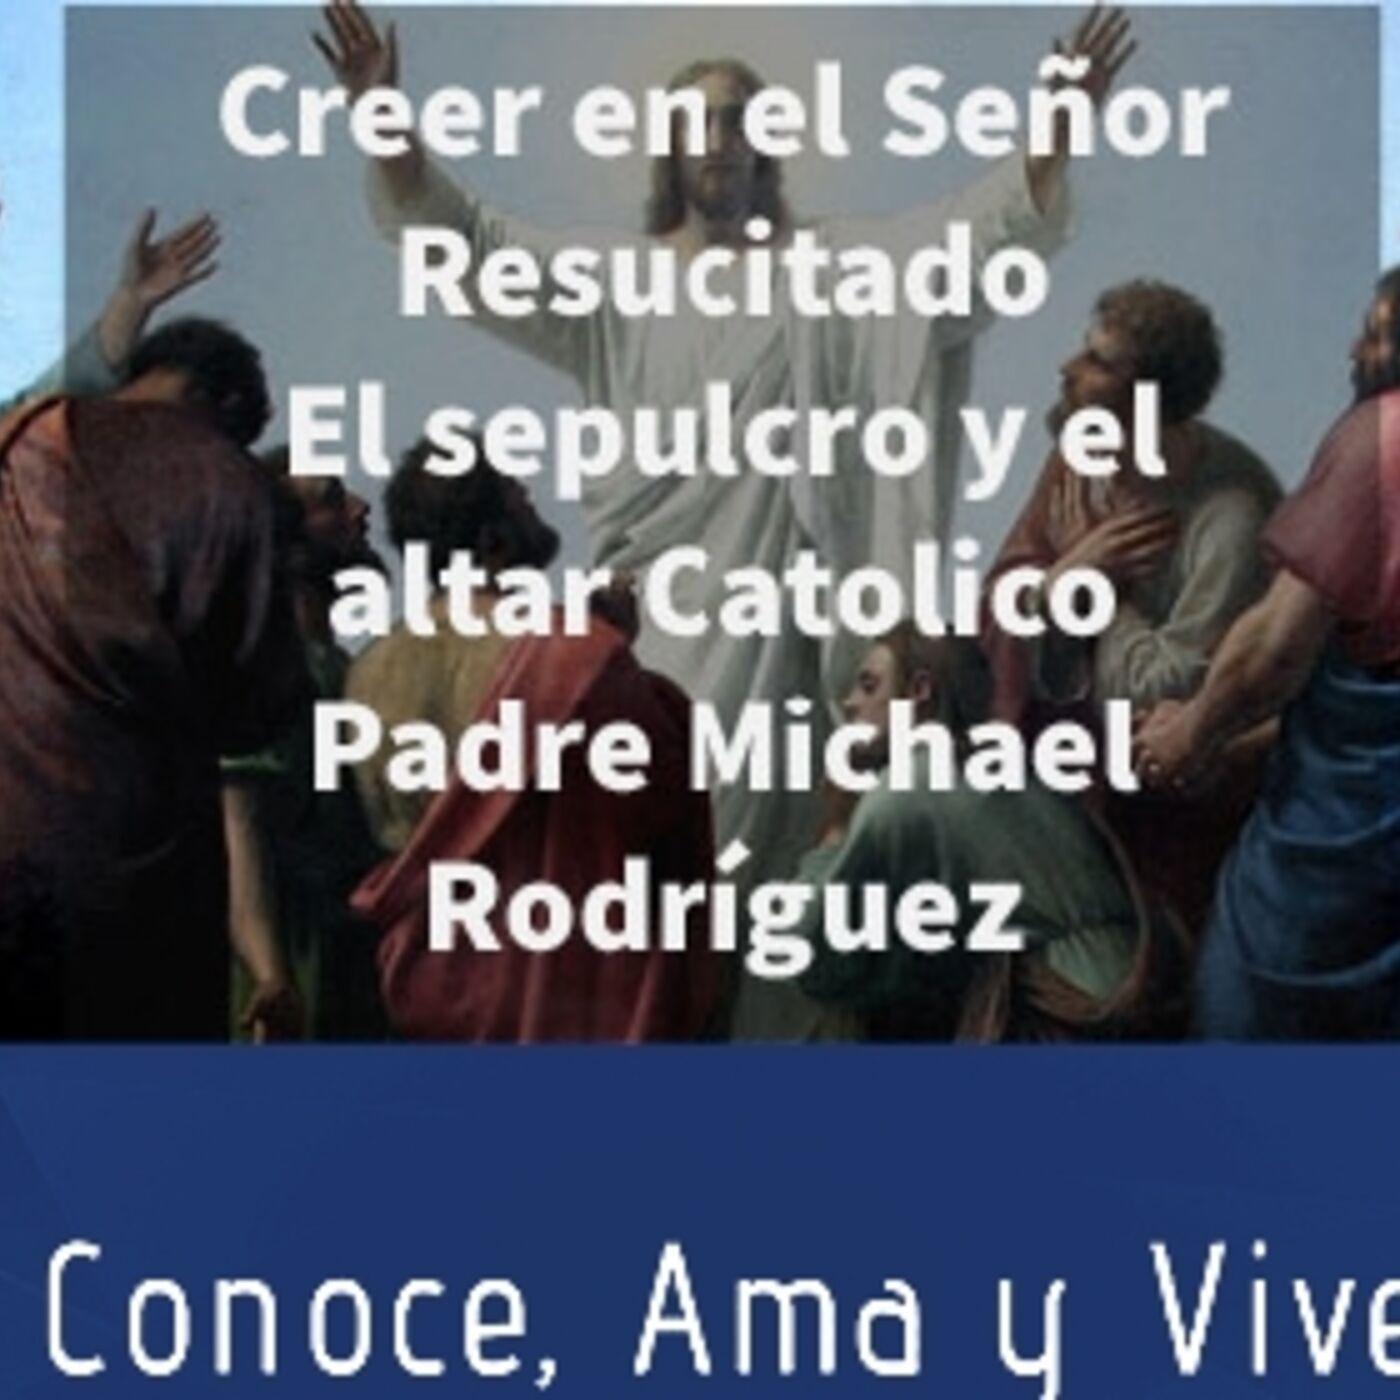 Episodio 250: 🙏 Creer en el Señor Resucitado 🙌 El sepulcro y el Altar Catolico ⛪Padre Michael Rodríguez ✝